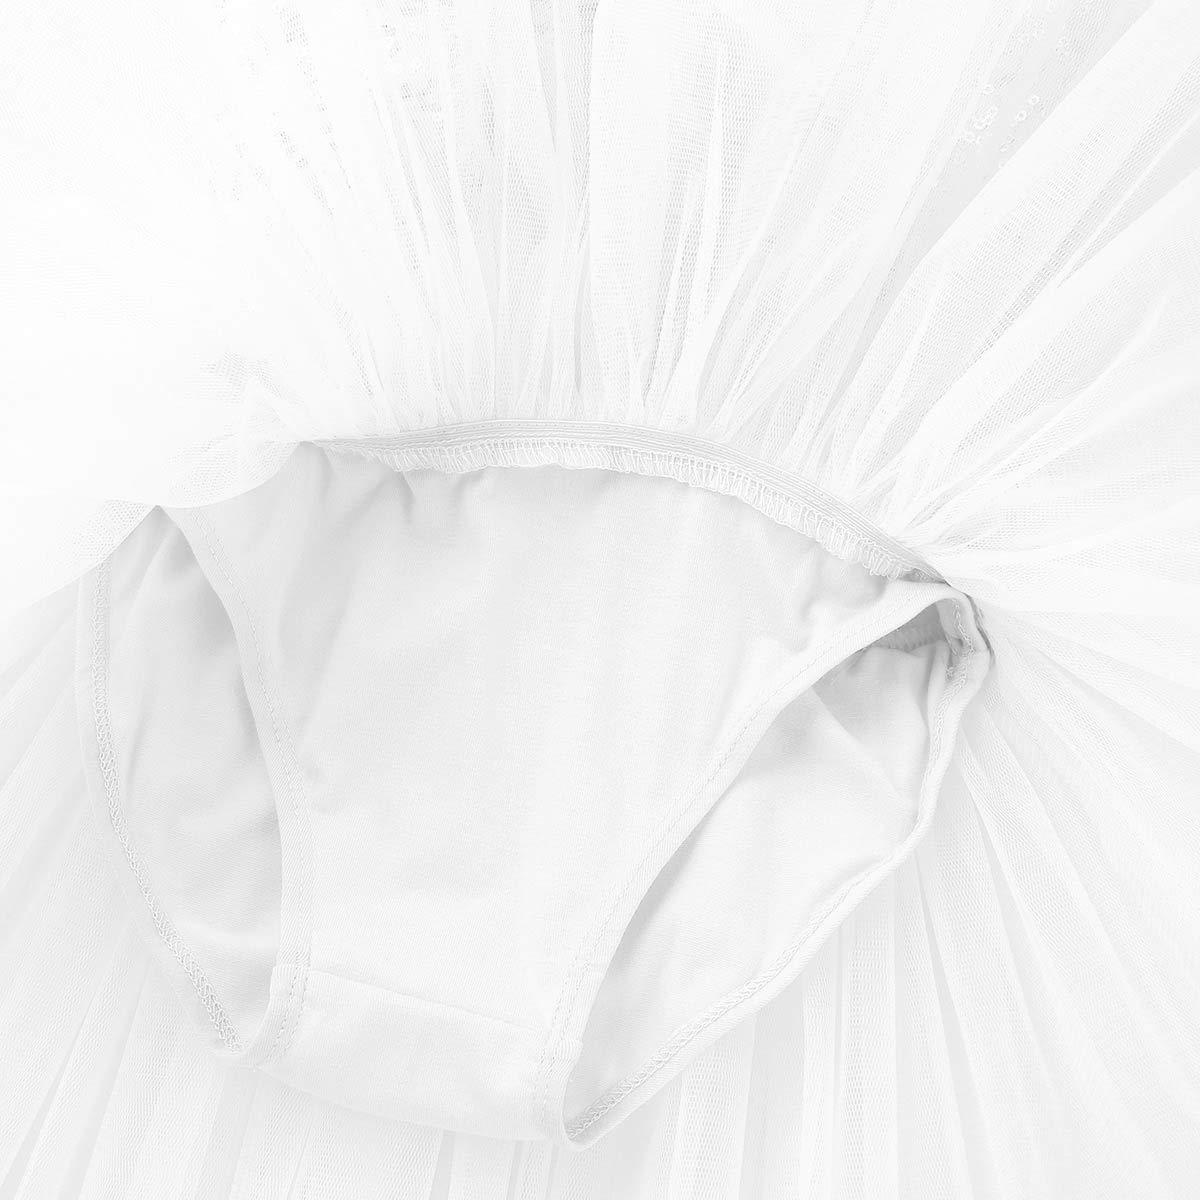 iEFiEL Vestito da Balletto Bambina Leotard Abito da Ballo per Saggio Body da Danza Ginnastica Artistica con Paillettes Tutu Dancewear Abito da Compleanno 4-8 Anni